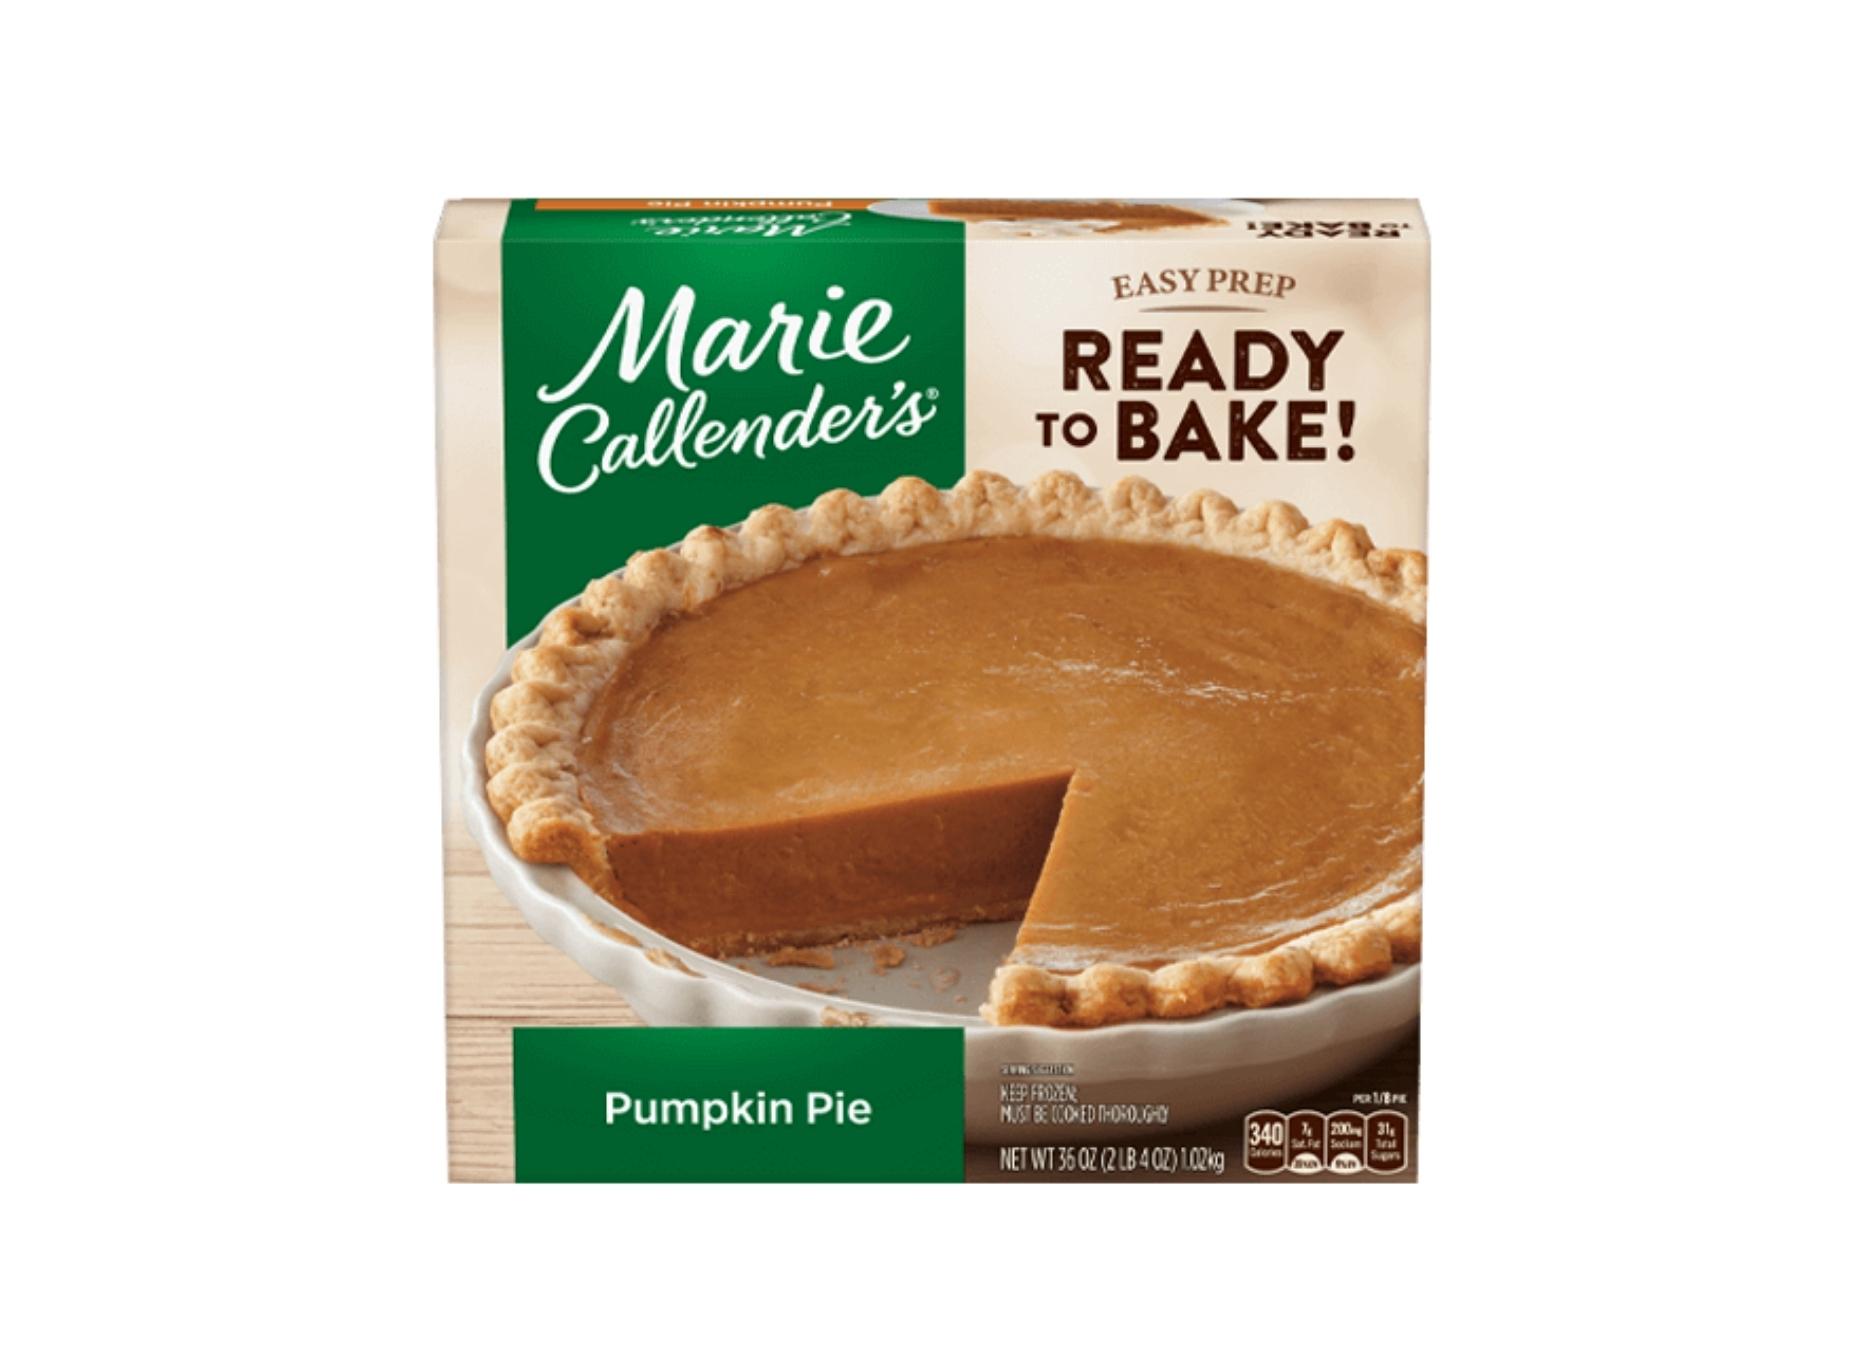 Pumpkin Pie Marie Callendars